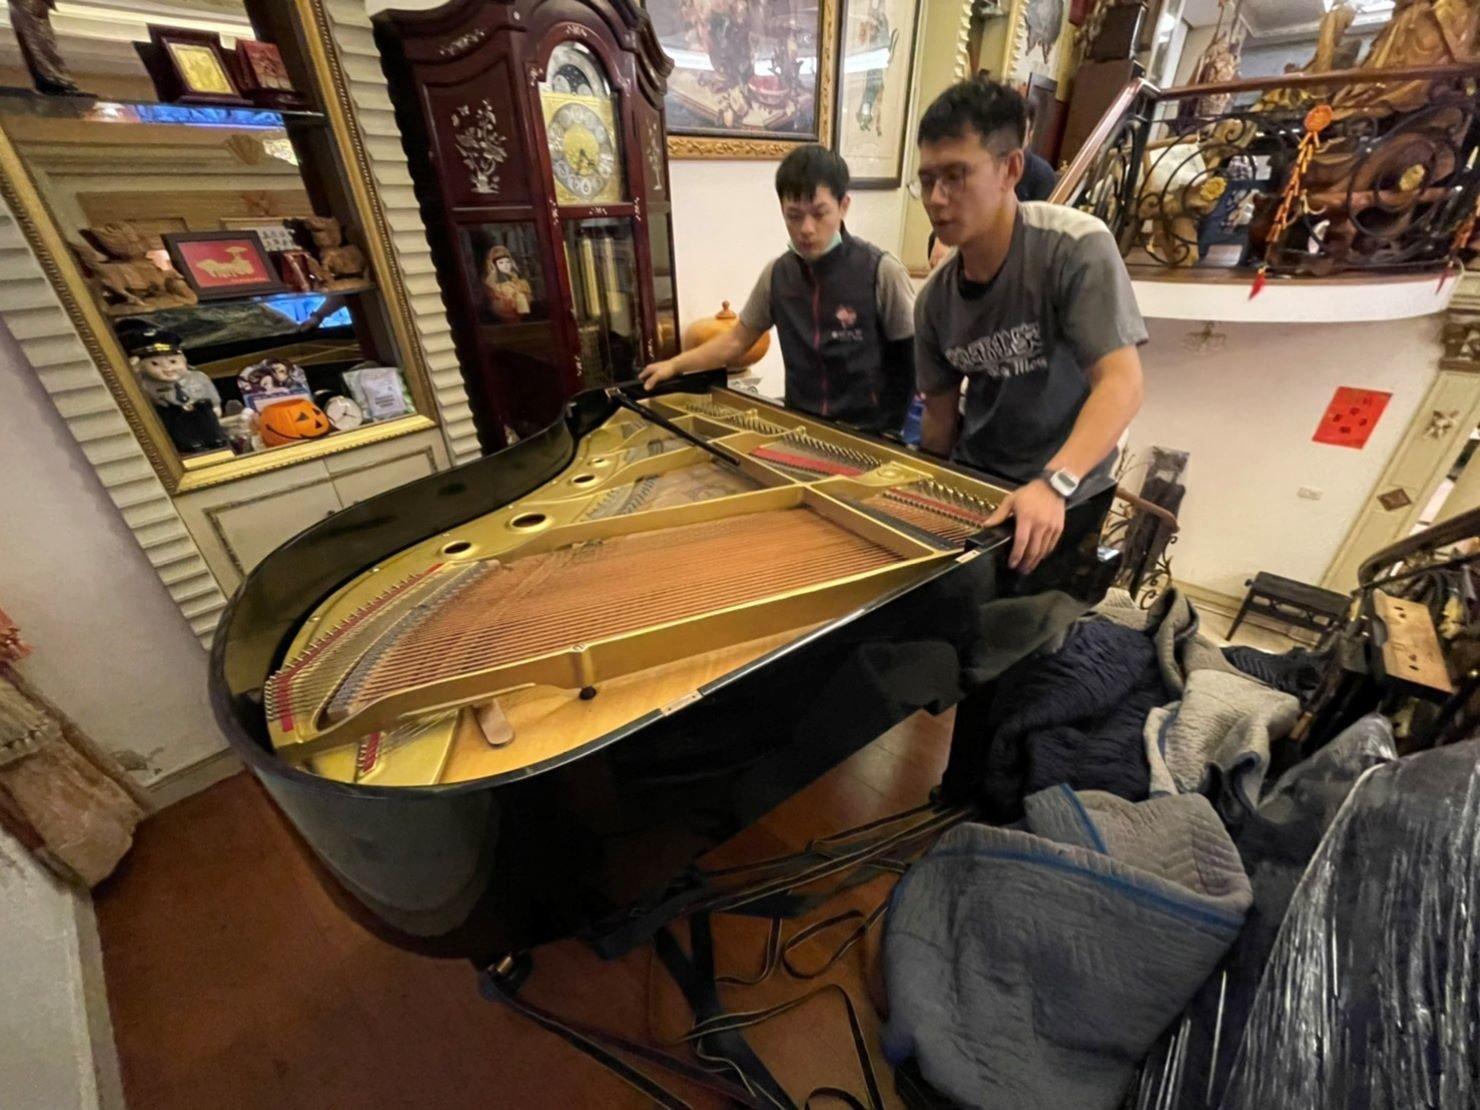 搬三角鋼琴、搬家公司推薦、新北搬家推薦【榮福搬家公司】南港搬家、桃園搬家公司推薦、台北搬家公司推薦、鋼琴運送、搬鋼琴首選,搬平台式鋼琴達人,針對顧客所搬鋼琴都秉持以用心實在專業搬家技巧,搬家實在用心值得您的信賴與選擇。歡迎來電咨詢02-2651-2727,榮福搬家有專員立即為您服務。